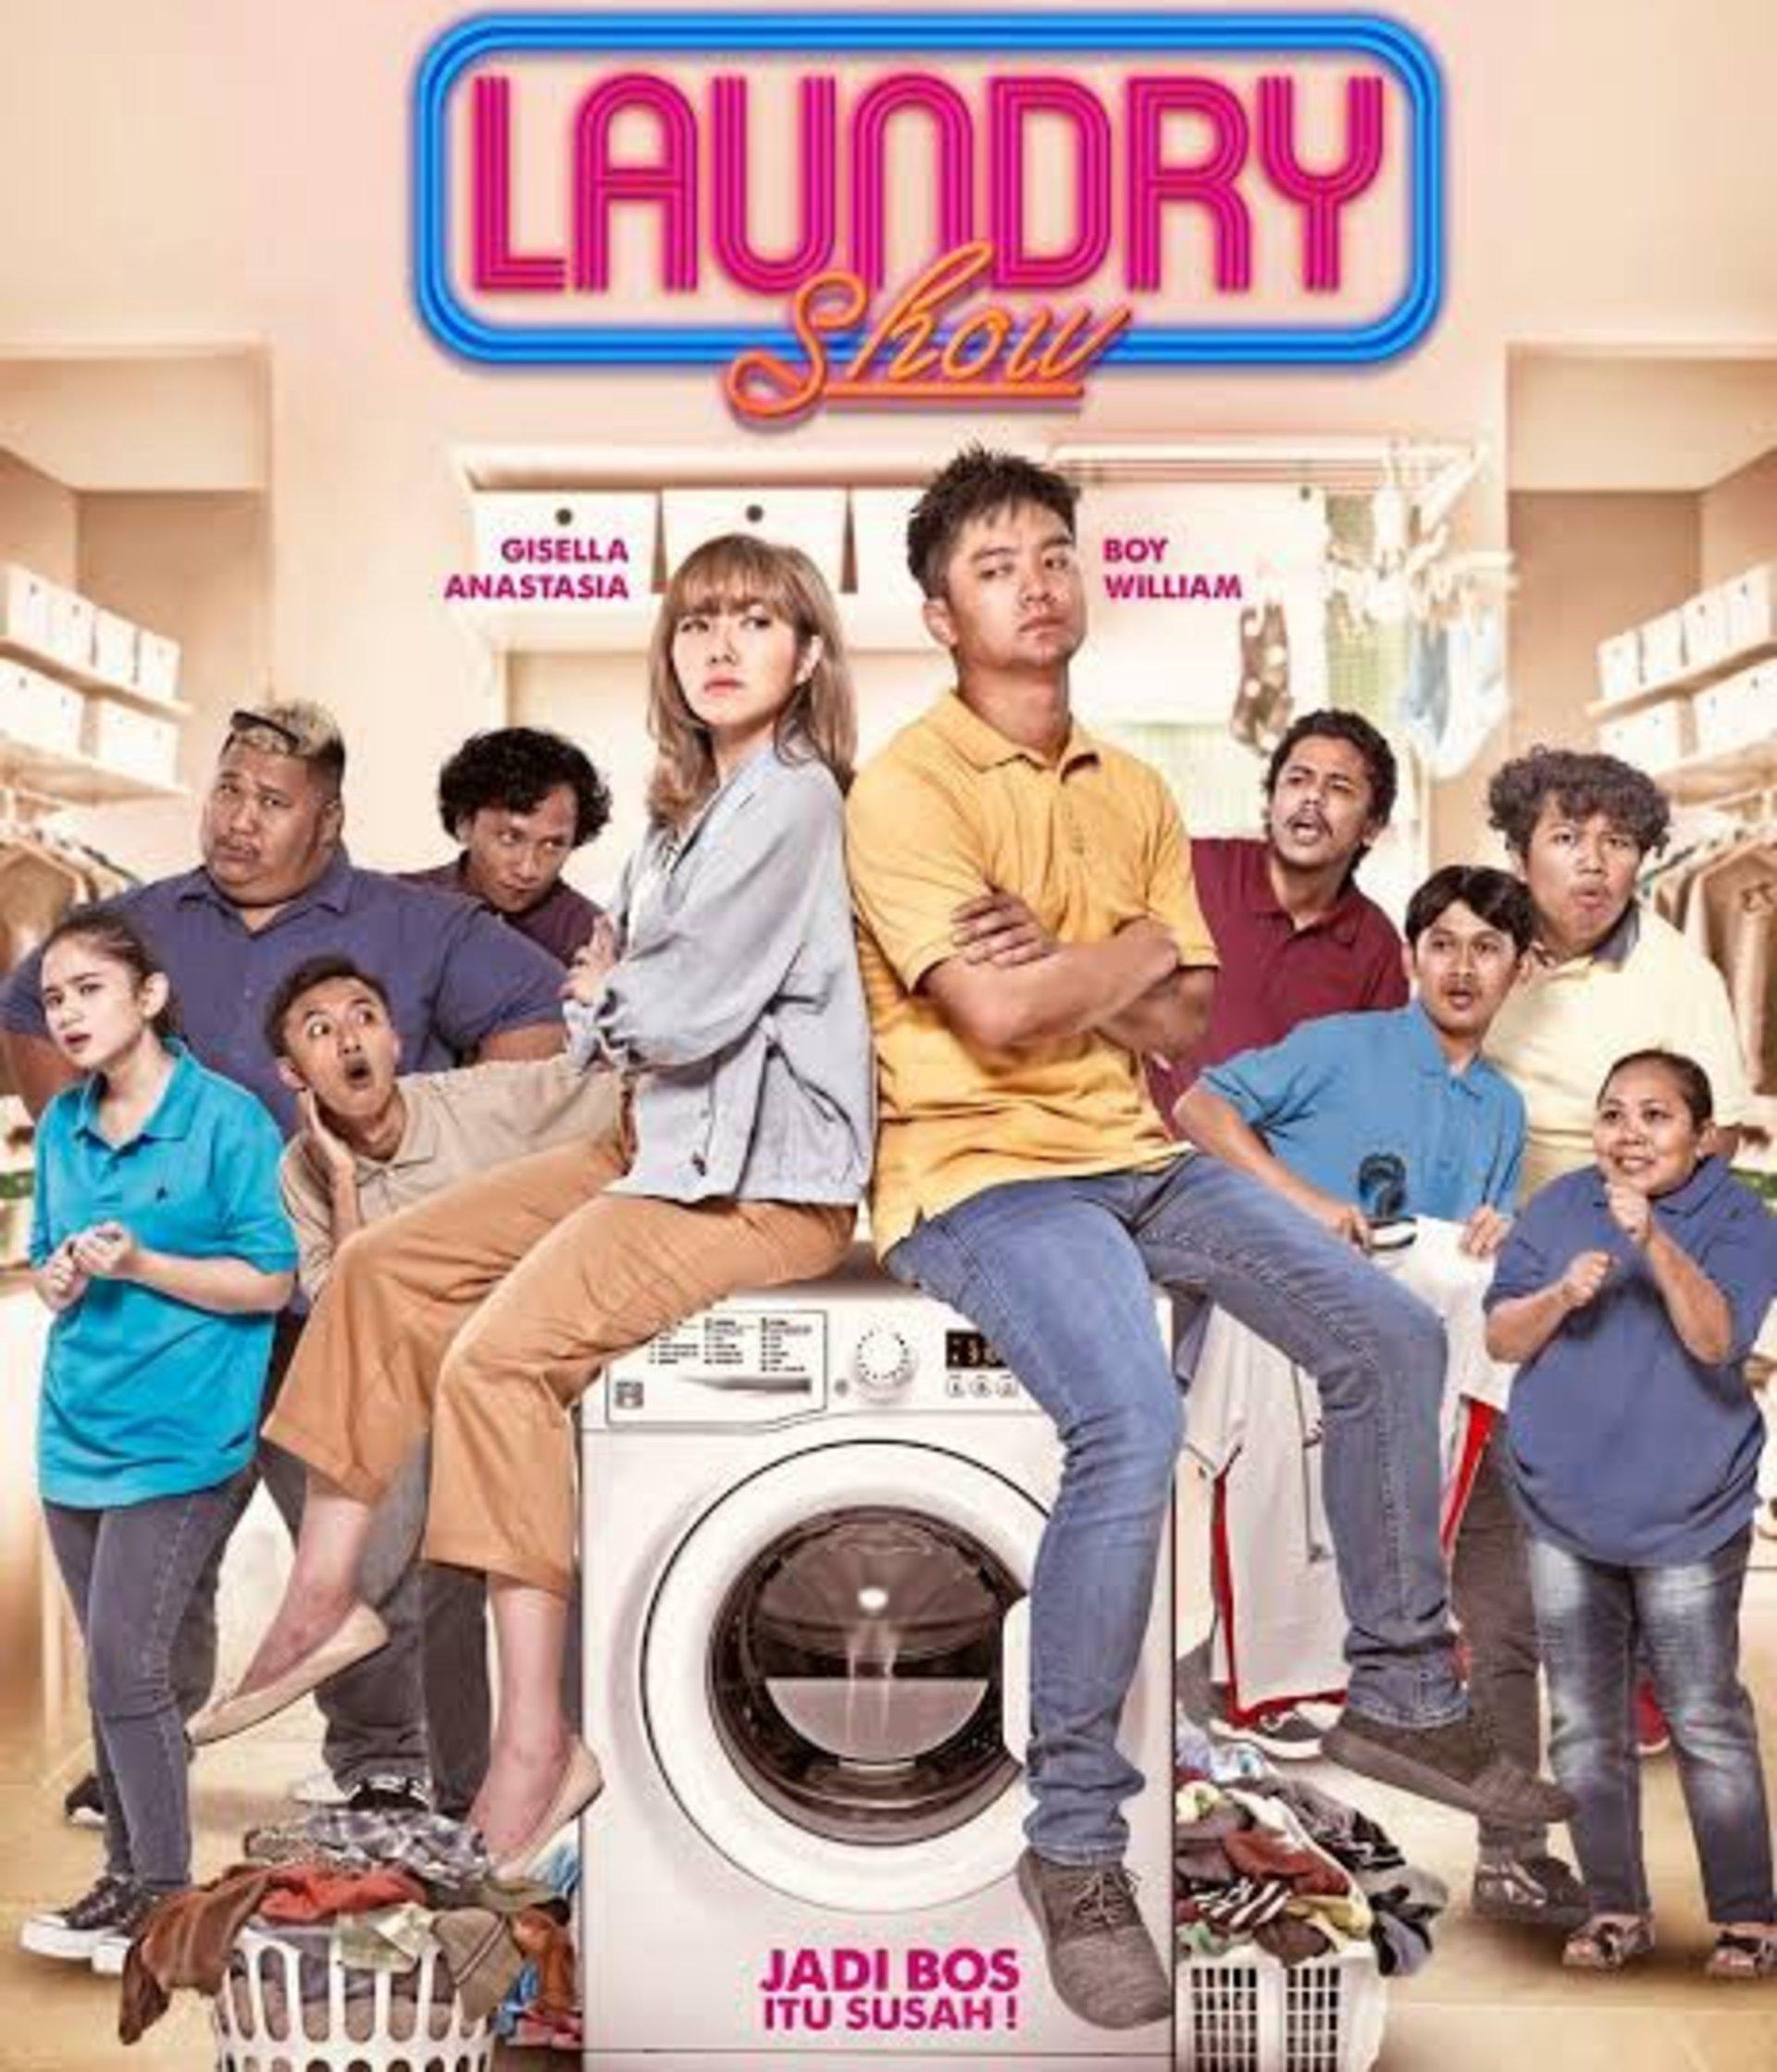 Nonton Film Indonesia Laundry Show (2019) Full Movie   cnnxxi